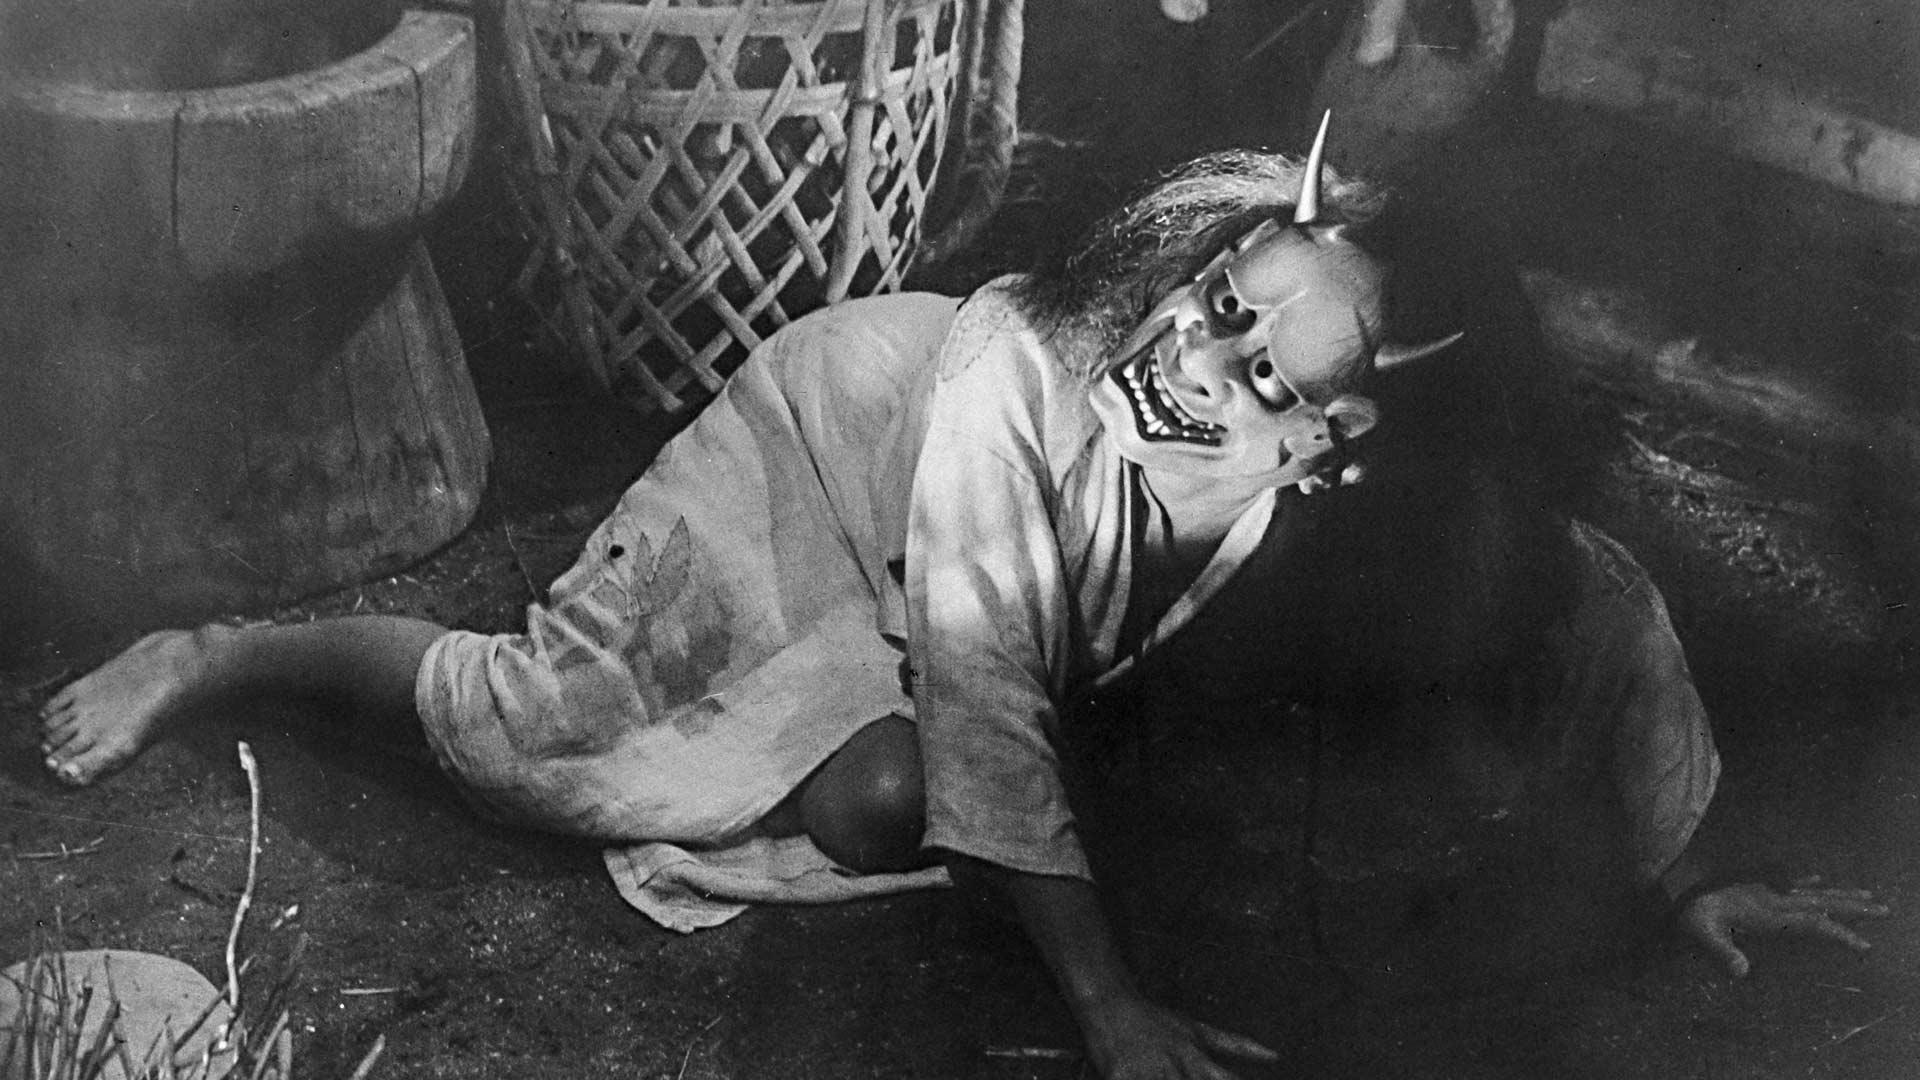 Elokuvassa Onibaba – tappajatanoppi ei suvaitse leskeksi jääneen miniänsä touhuja, joten hän alkaa piinata tätä paholaisnaamio päässään.